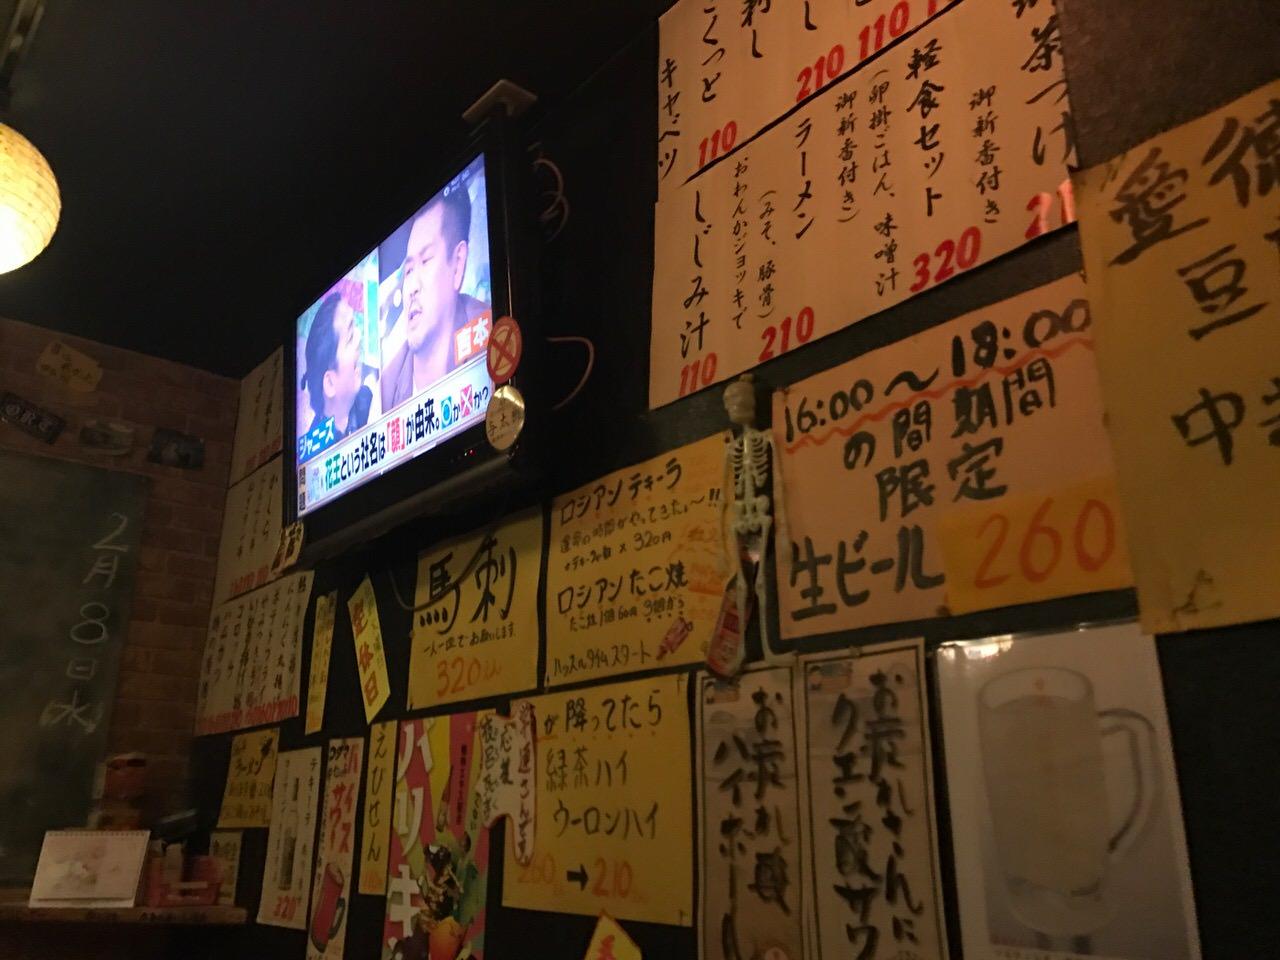 Hirai 5070